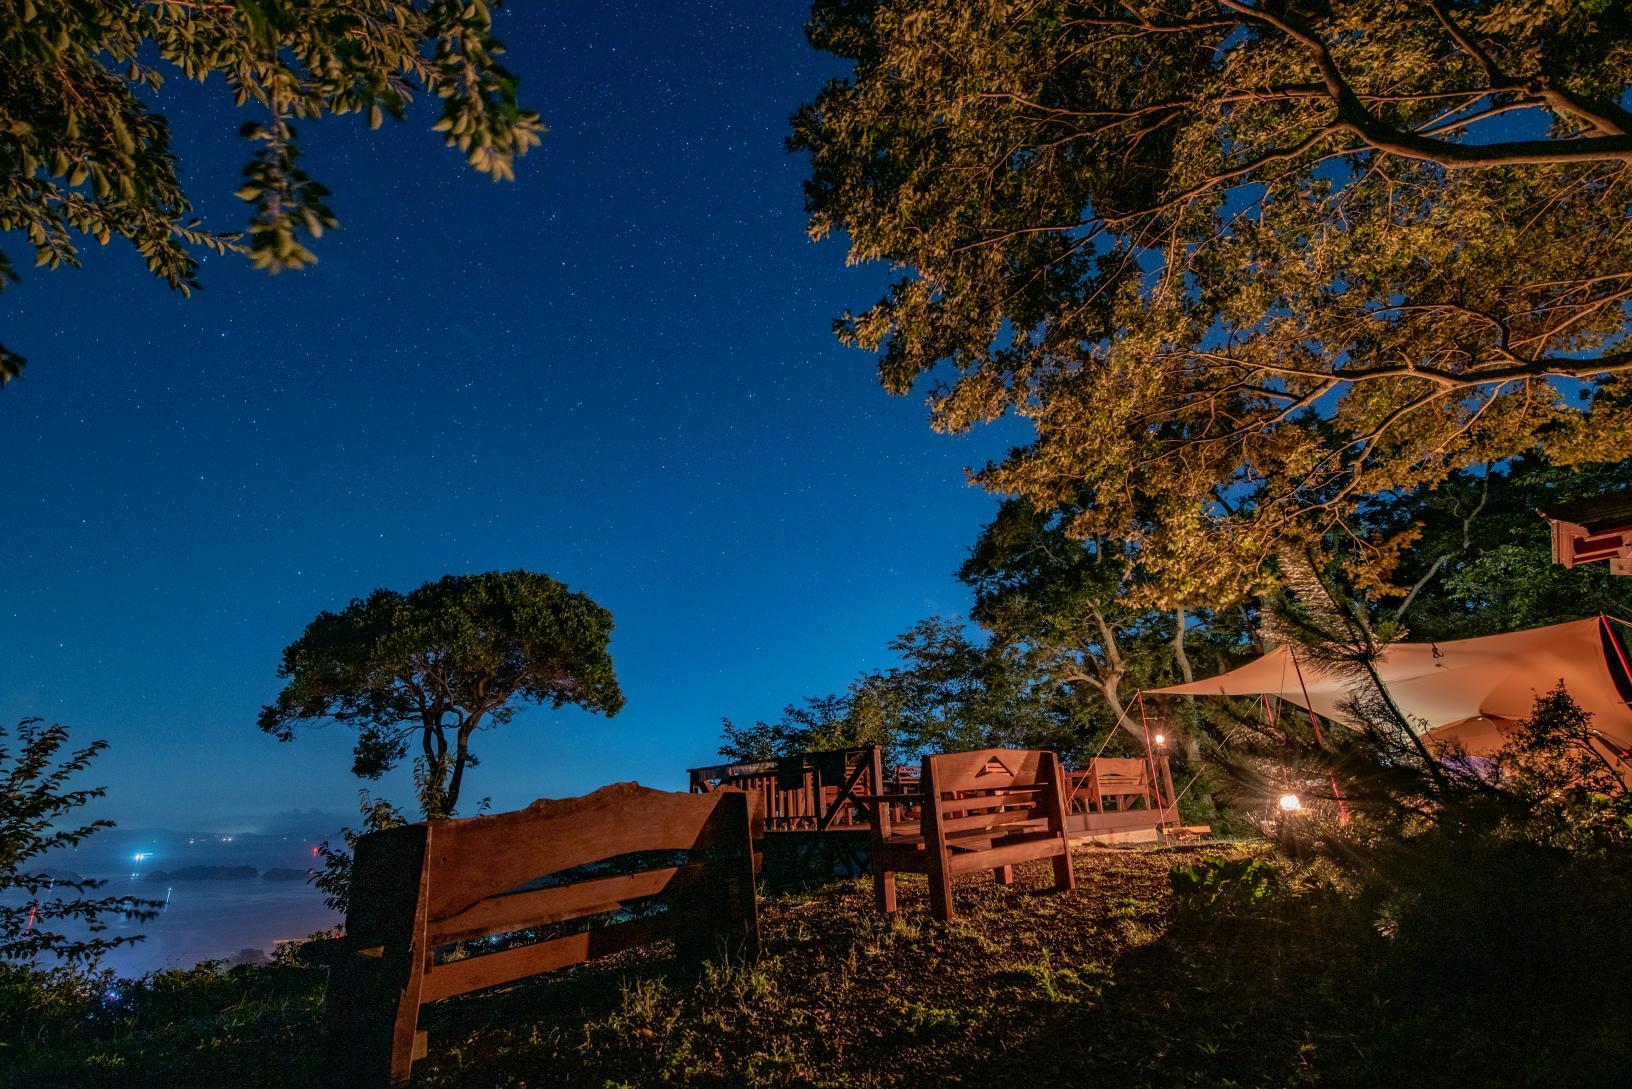 とっておきの場所教えます!わざわざ行きたい夜景&星空の穴場スポット-1